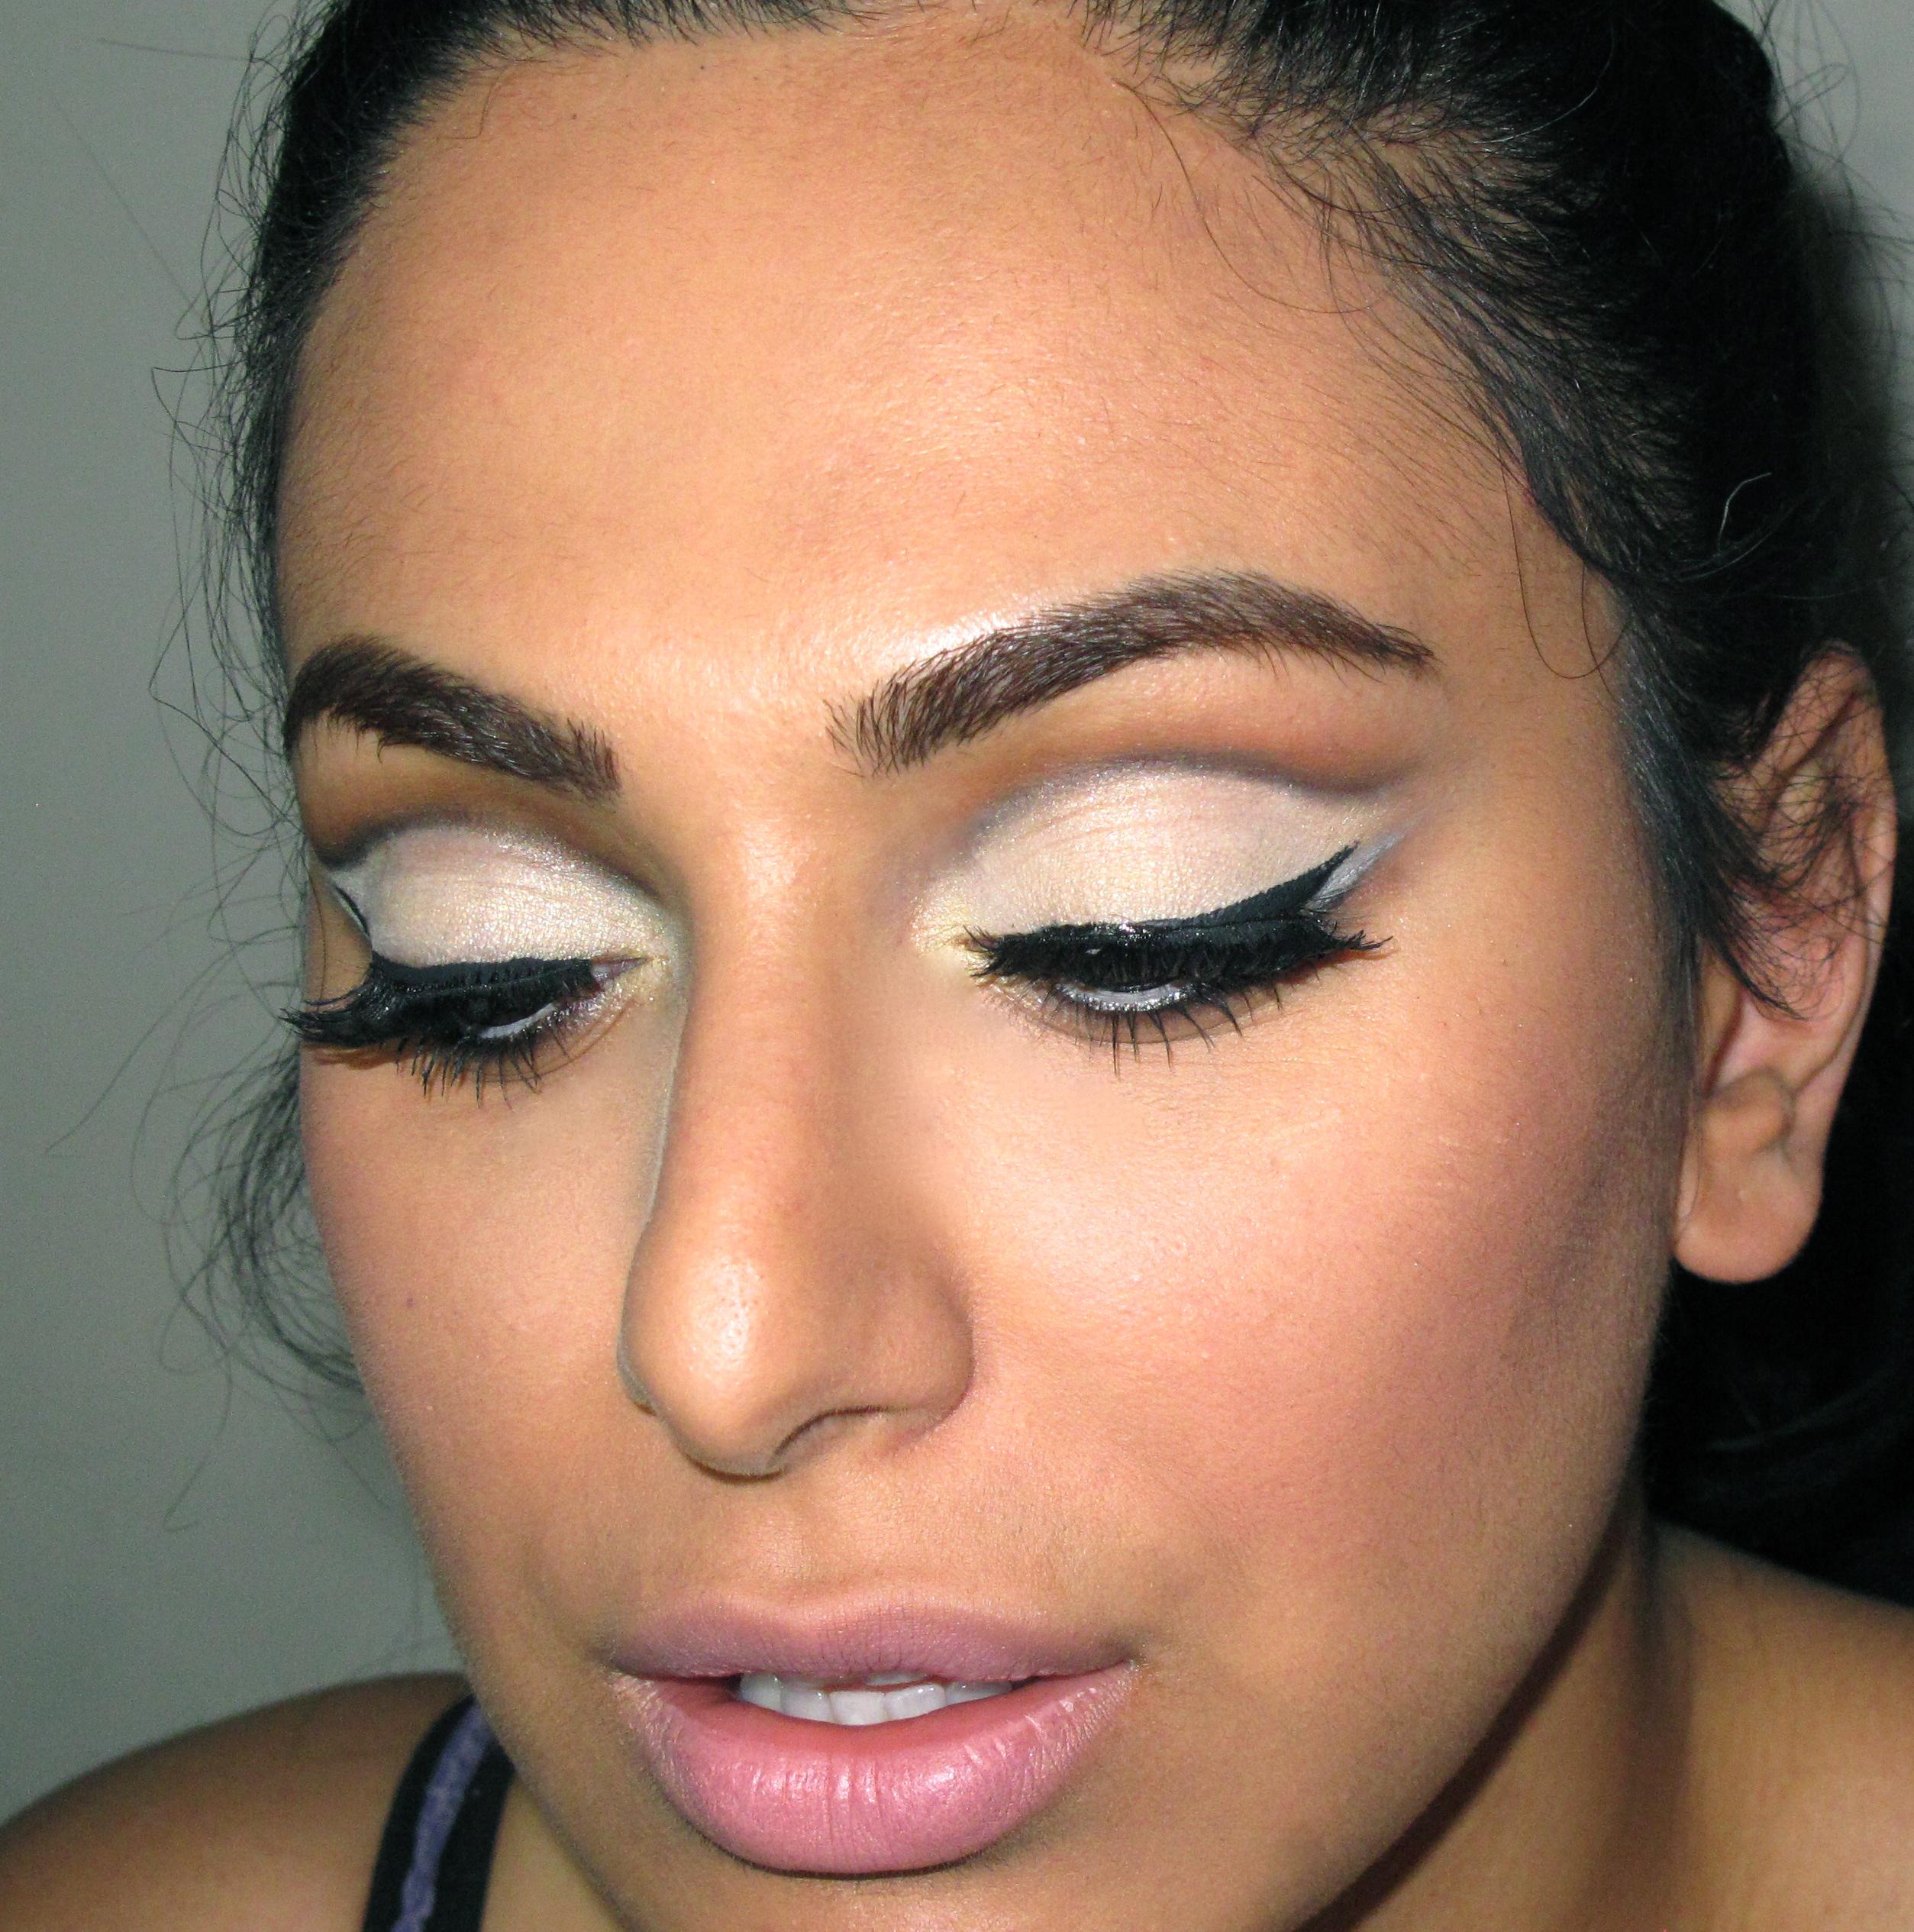 beyonce makeup tutorial - photo #2